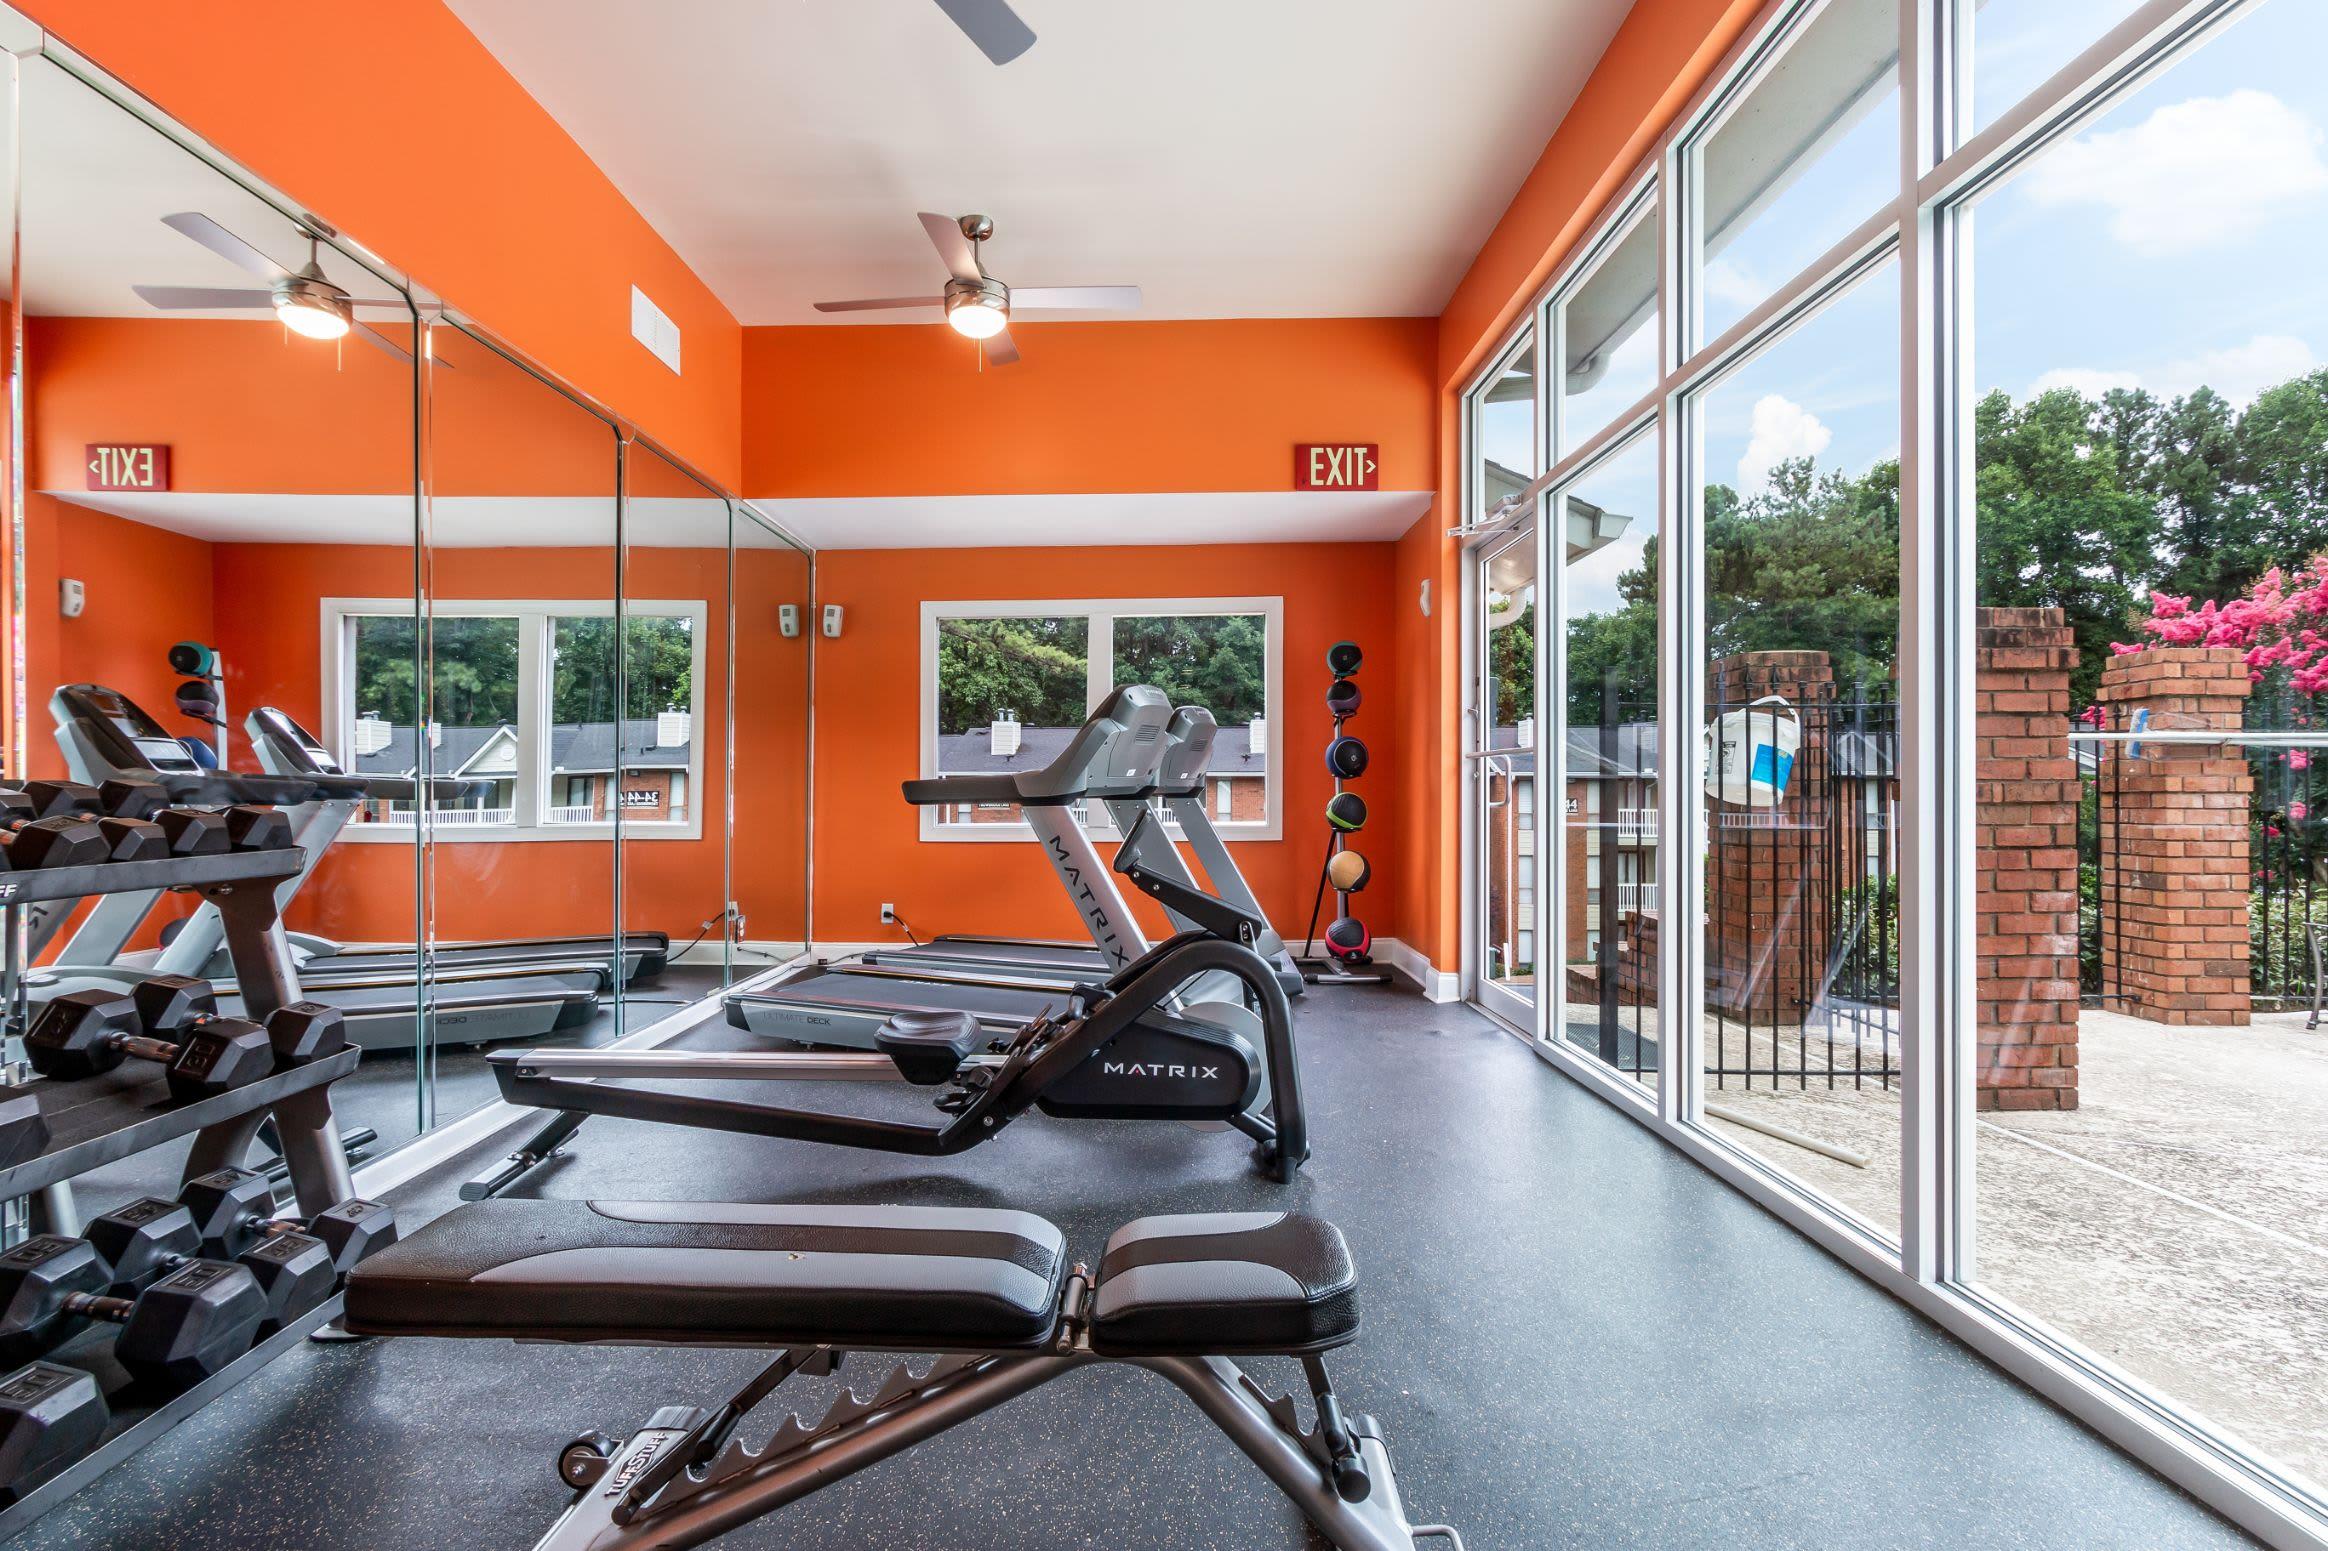 Fitness center at Marquis at Perimeter Center in Atlanta Georgia,